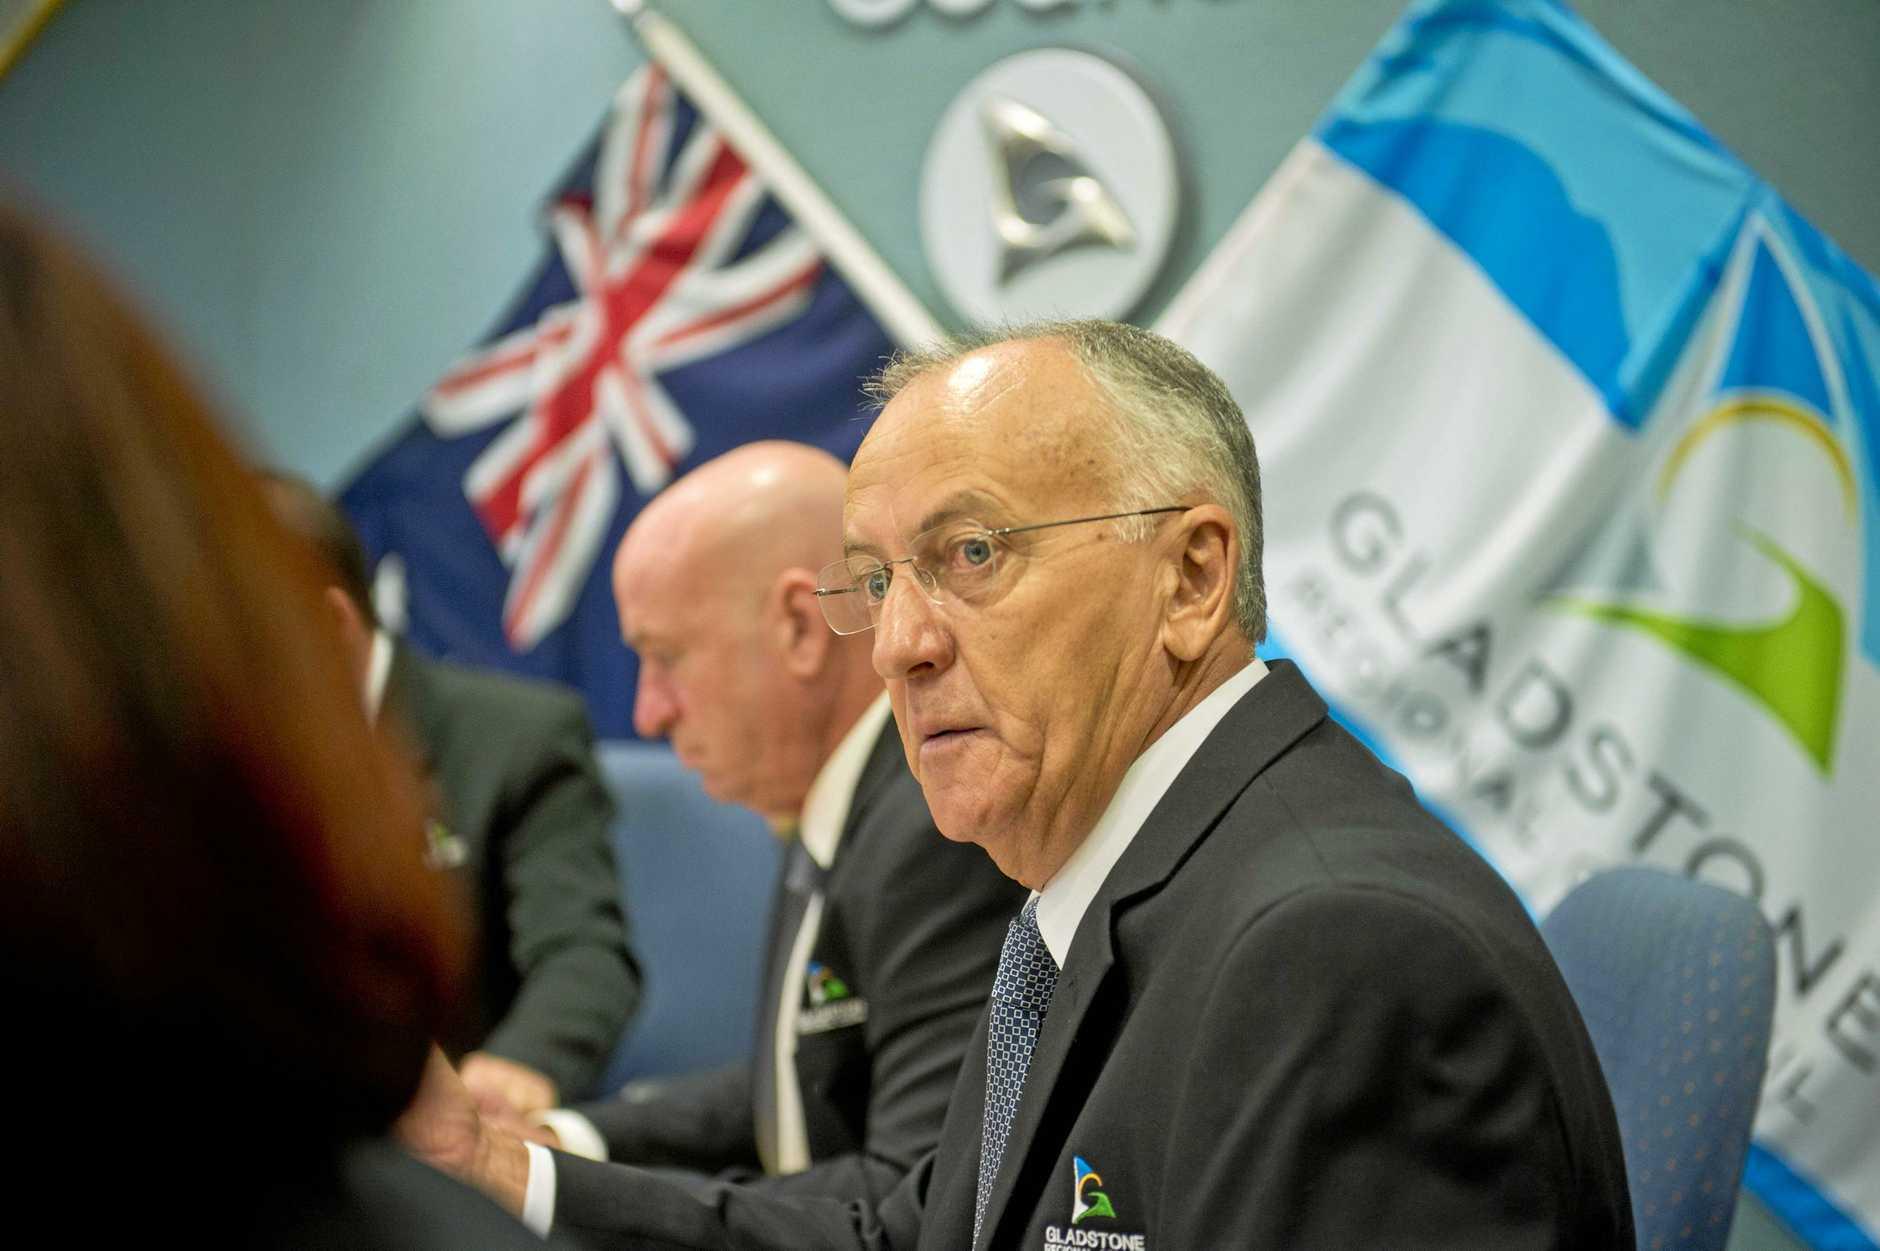 Cr Glenn Churchill.Photo Paul Braven / The Observer